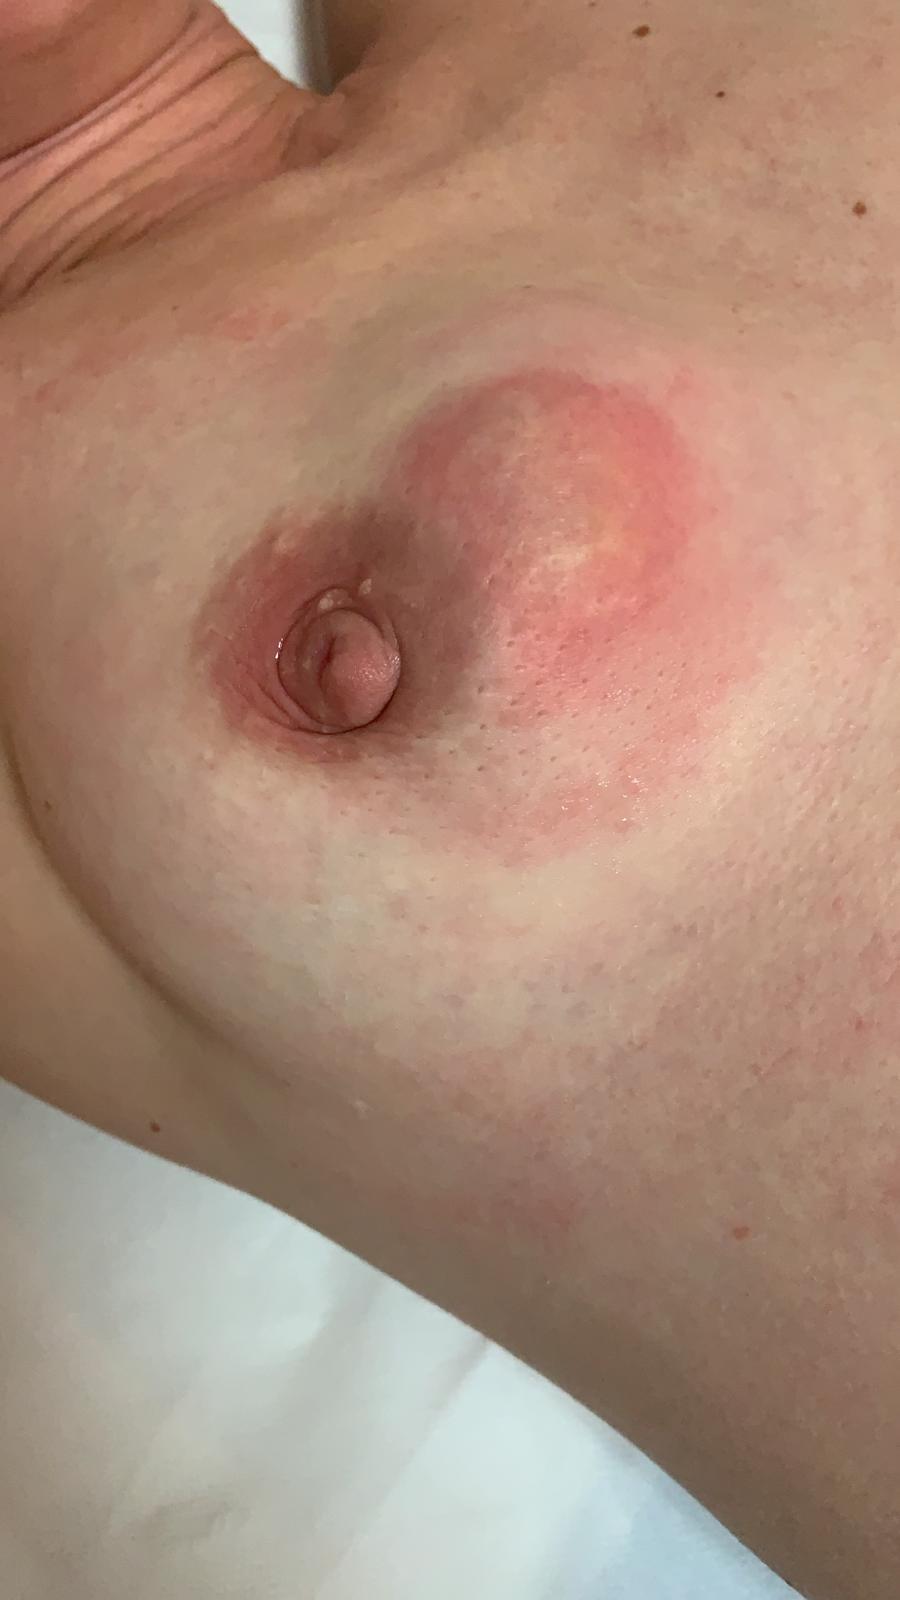 un espermatocele puede causar dolor extremo en la ingle